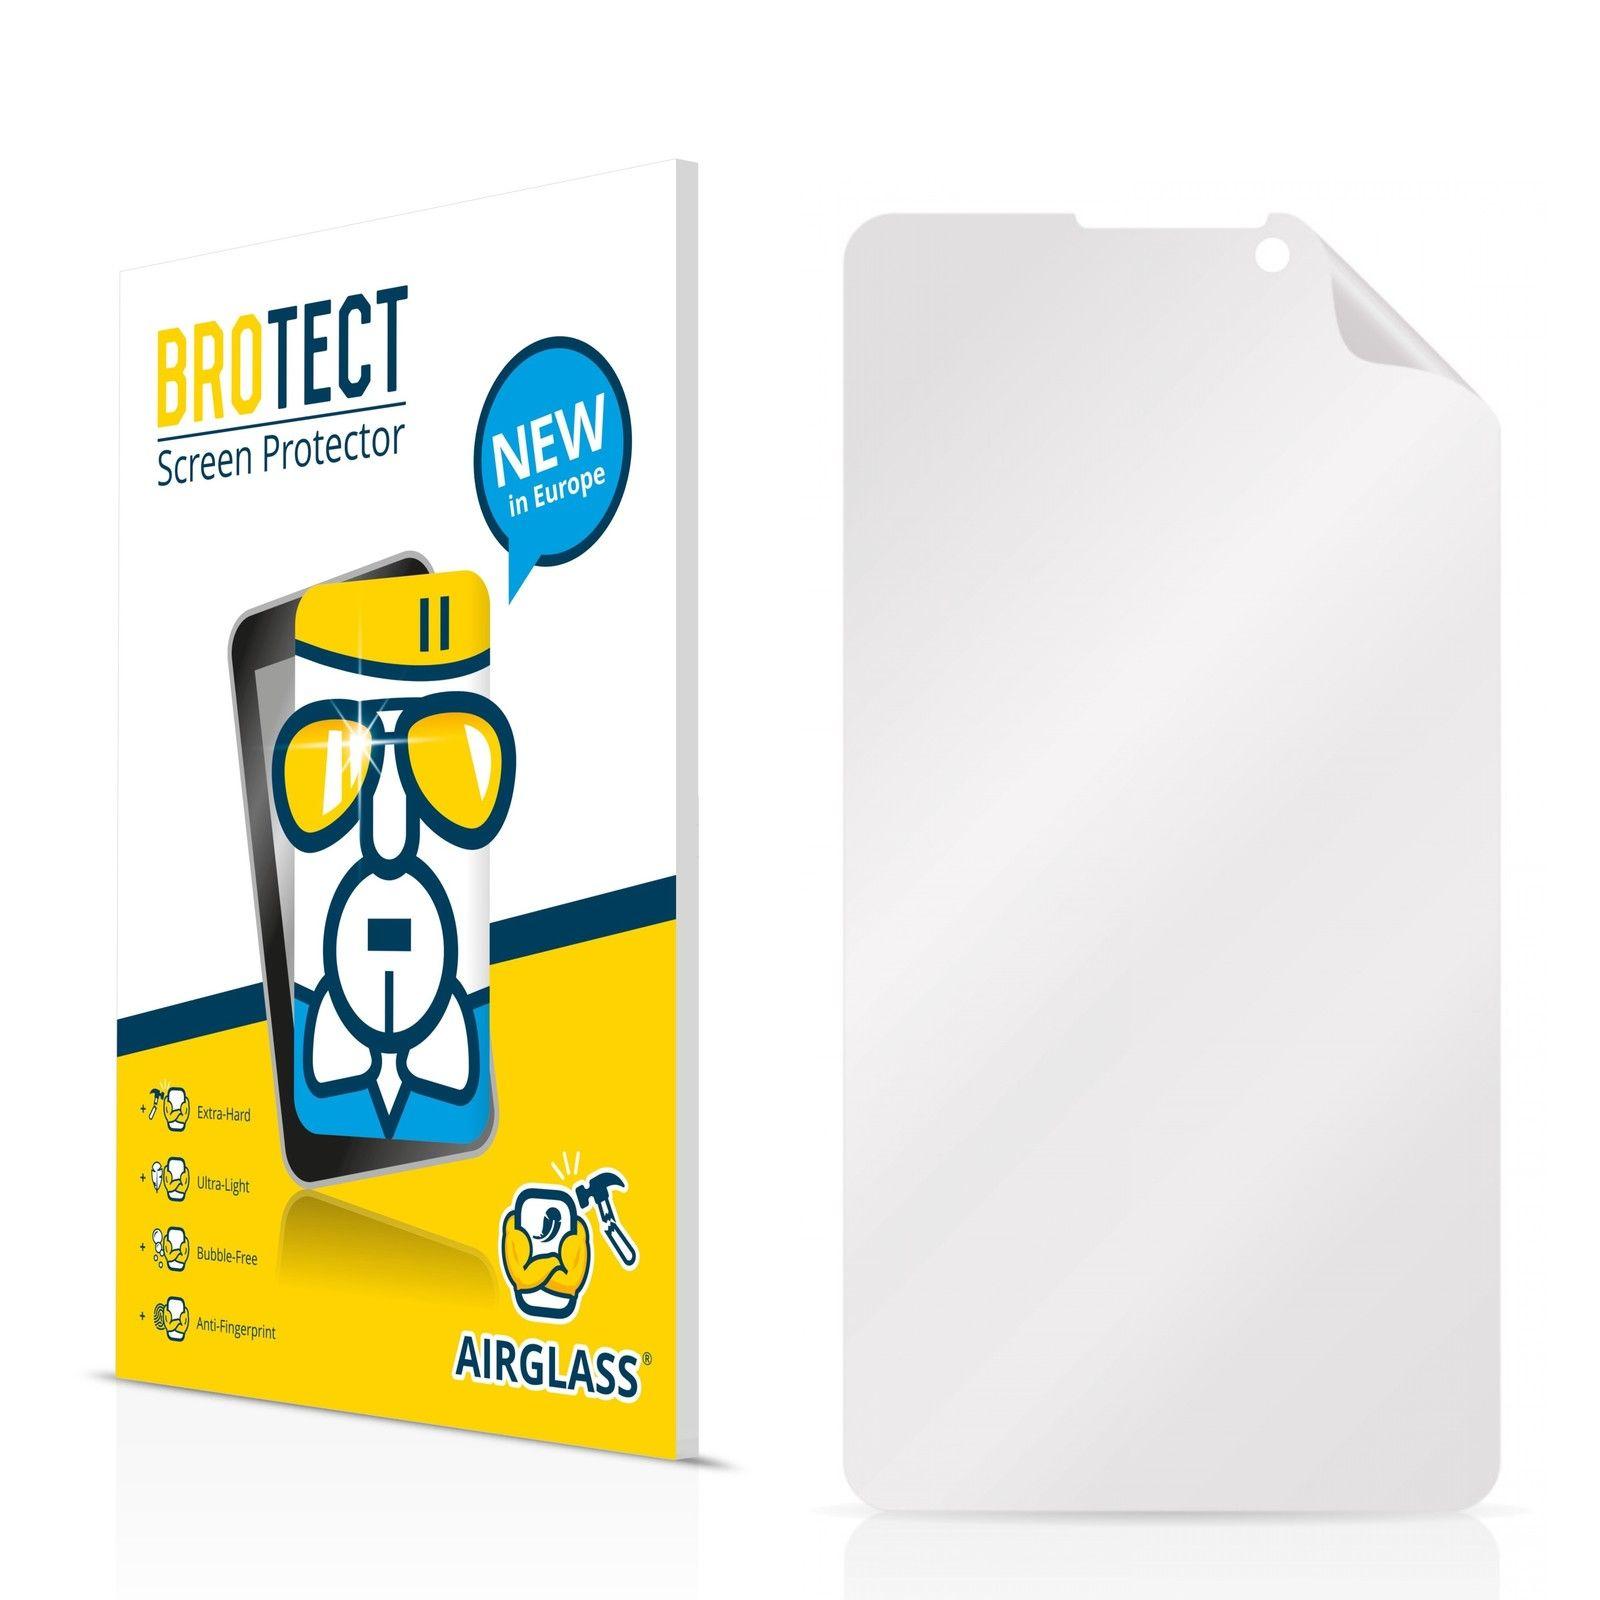 Extra tvrzená ochranná fólie (tvrzené sklo) AirGlass Brotec na LCD pro Prestigio MultiPhone 4505 DUO